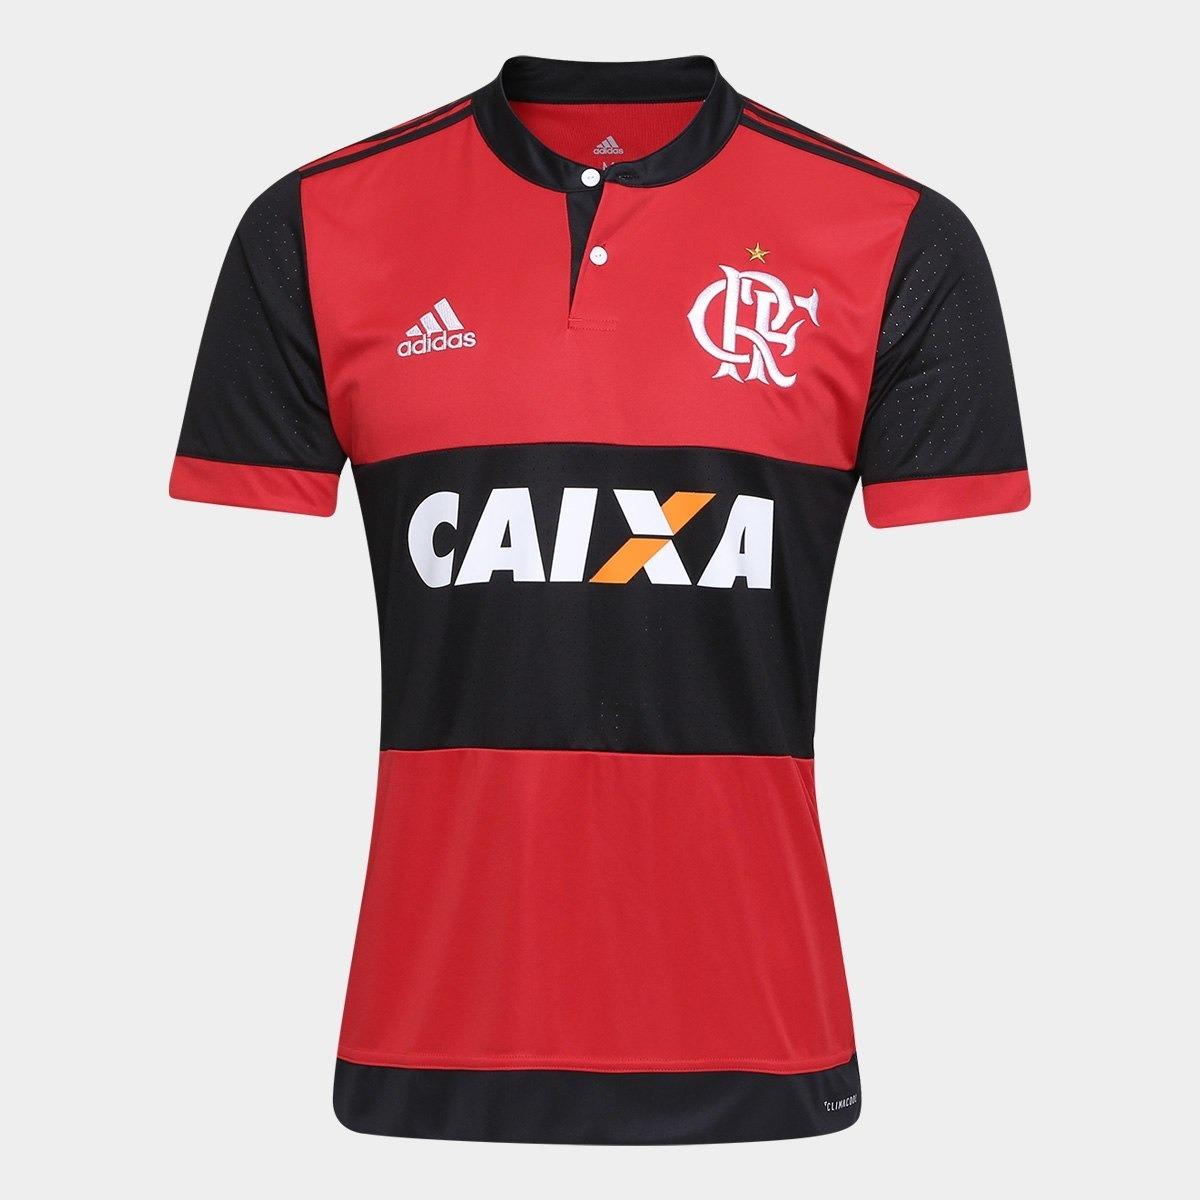 Camisa Flamengo I 17 18 S n° adidas Original Jp Sports - R  159 8d82834ded2e4